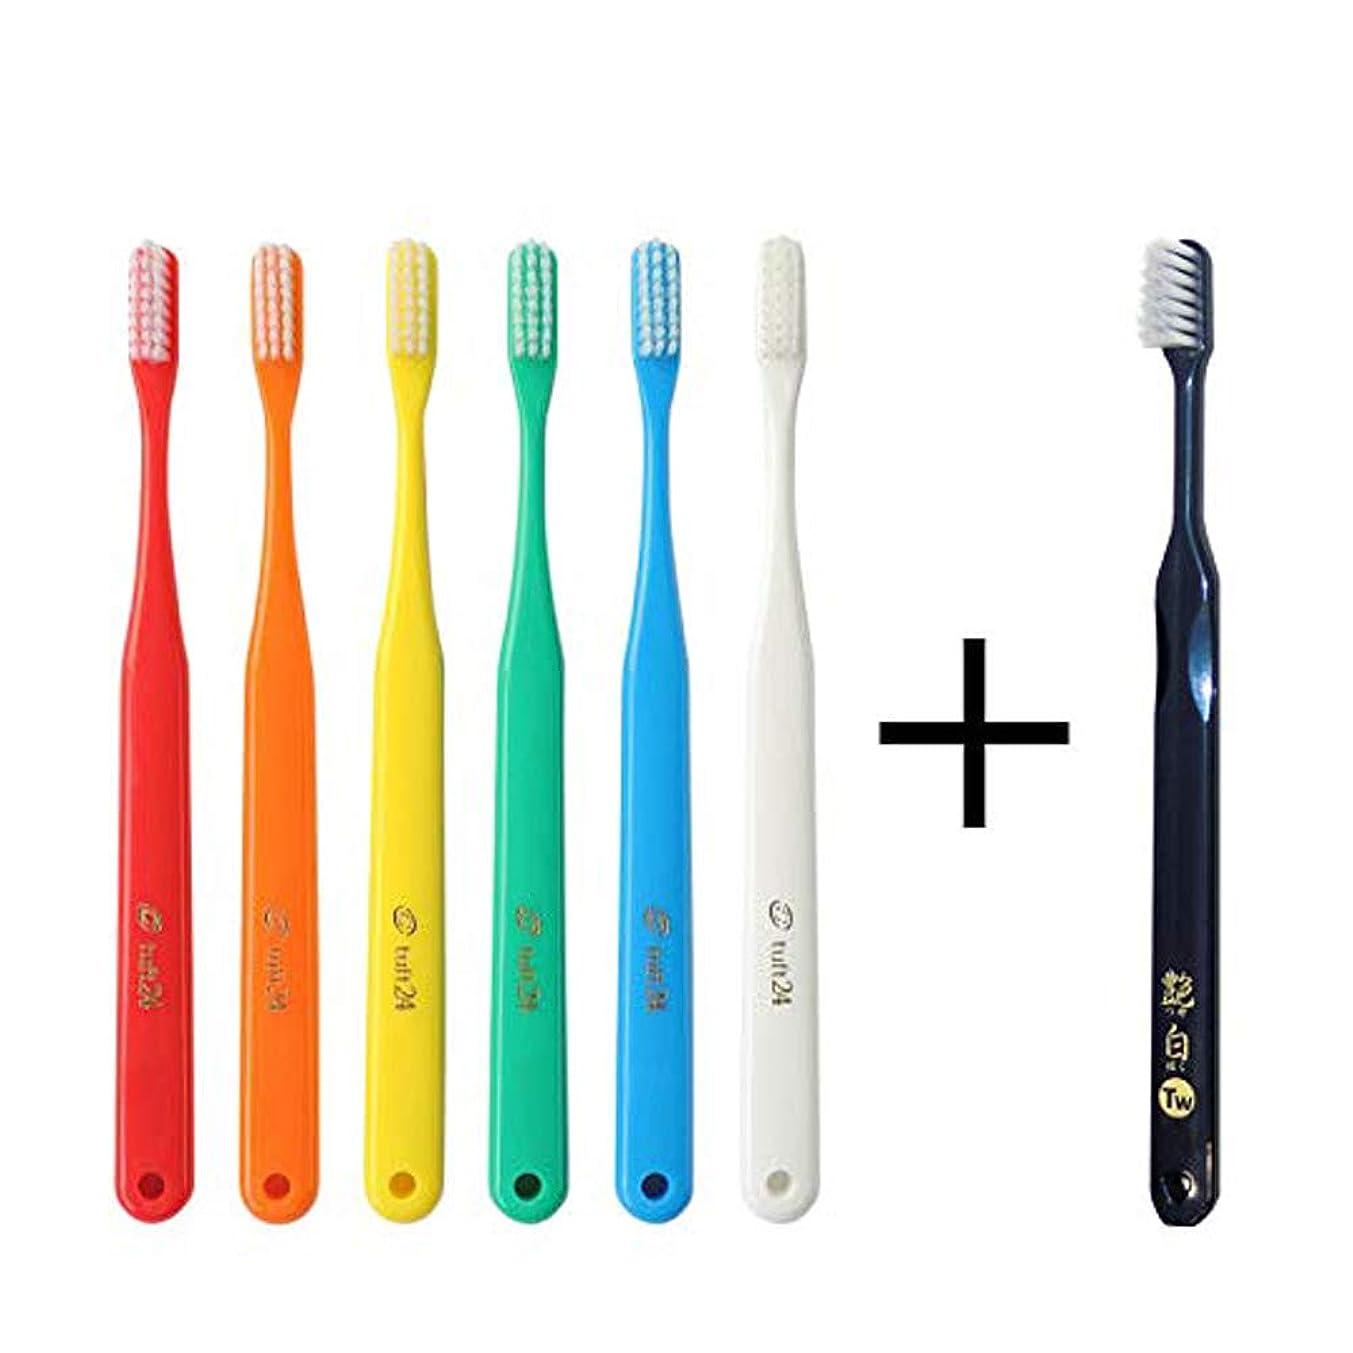 ダーツスペード配分タフト24 歯ブラシ × 10本 (MS) キャップなし + 艶白ツイン ハブラシ (MS やややわらかめ)×1本 むし歯予防 歯科専売品